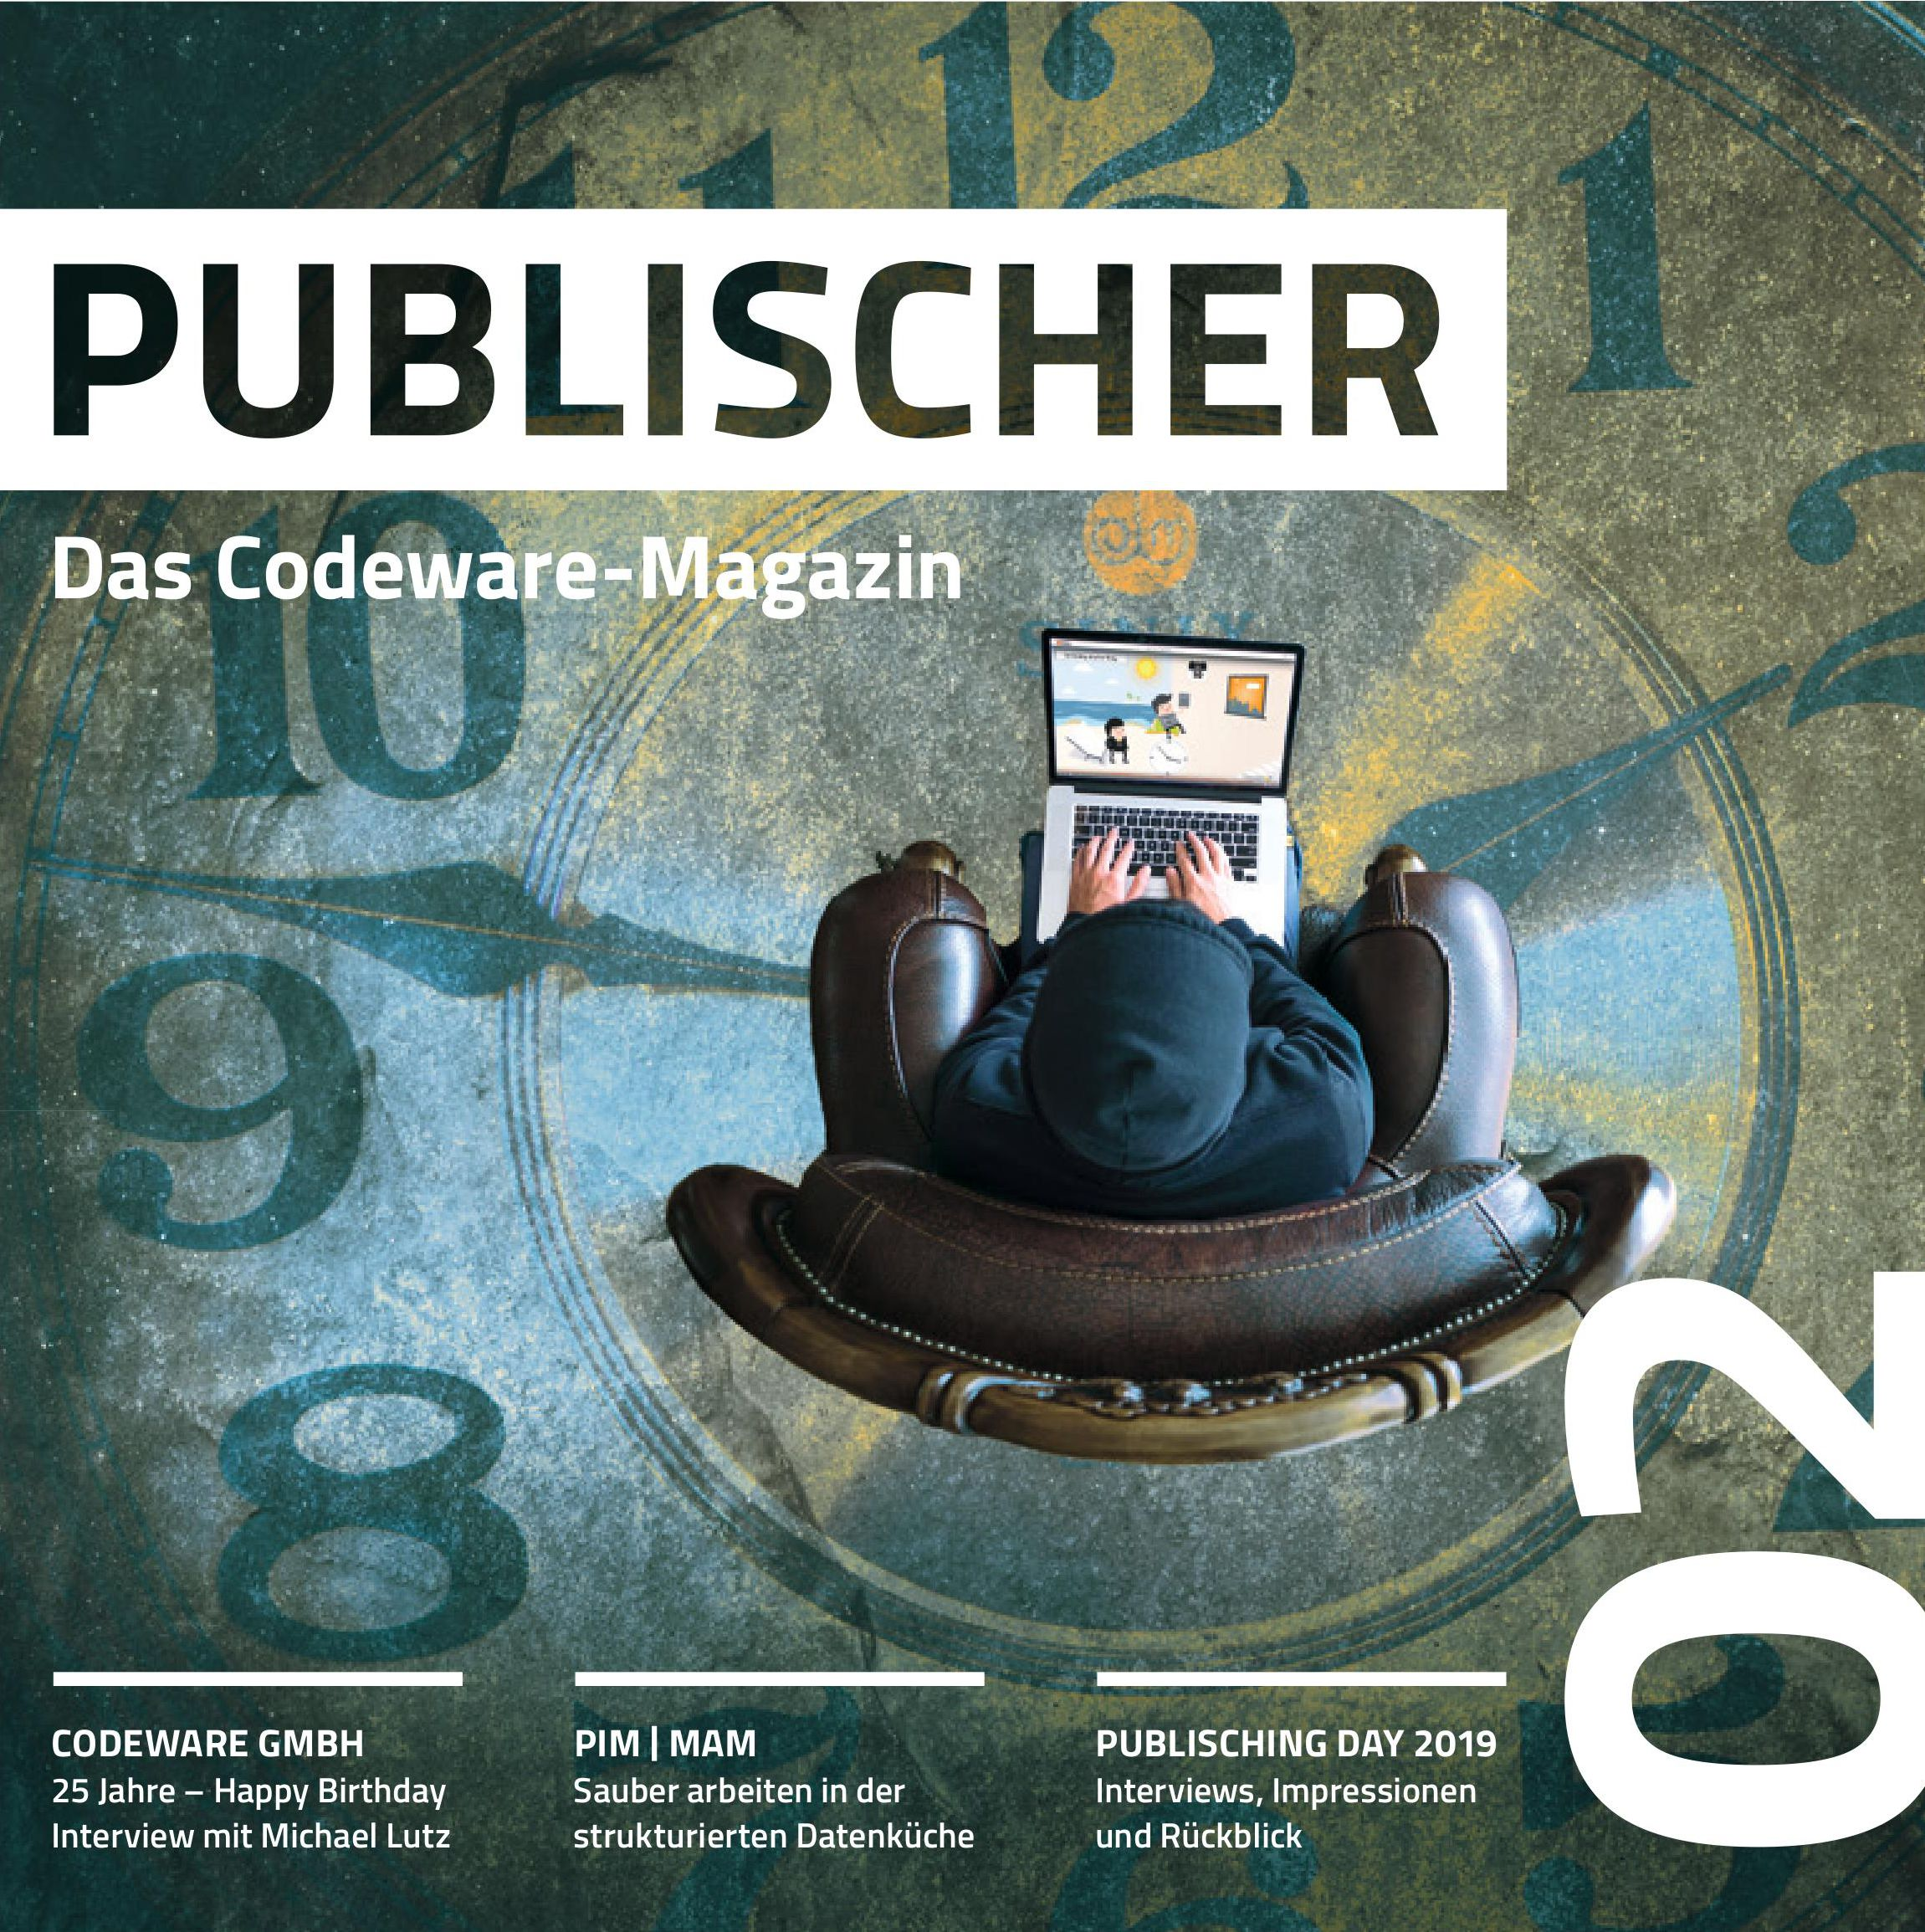 Codeware Publischer 2020